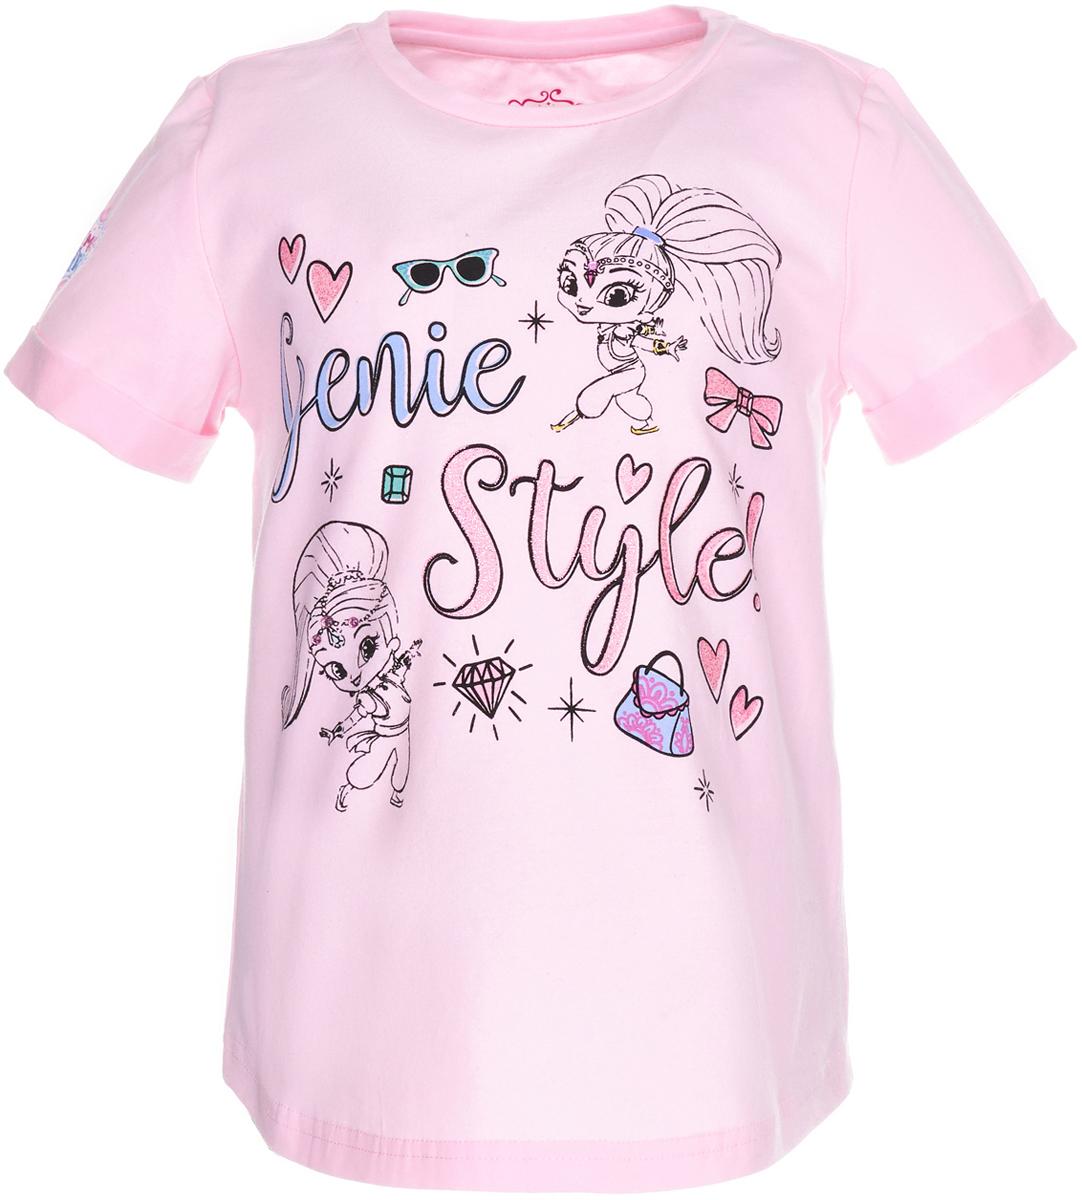 Футболка для девочки Button Blue Шиммер и Шайн, цвет: розовый. 118BBGL12011200. Размер 104118BBGL12011200Легкая трикотажная футболка с изображением любимой героини - лучшая летняя одежда! Модель от Button Blue посвящена мультсериалу Шиммер и Шайн, рассказывающем о волшебных приключениях двух близняшек-джиннов. Рисунок на футболке выполнен в приятной акварельной стилистике, создающей необычный и интересный эффект.Футболка с коротким рукавом и удлиненной спинкой выполнена из эластичного хлопка и имеет классический силуэт.